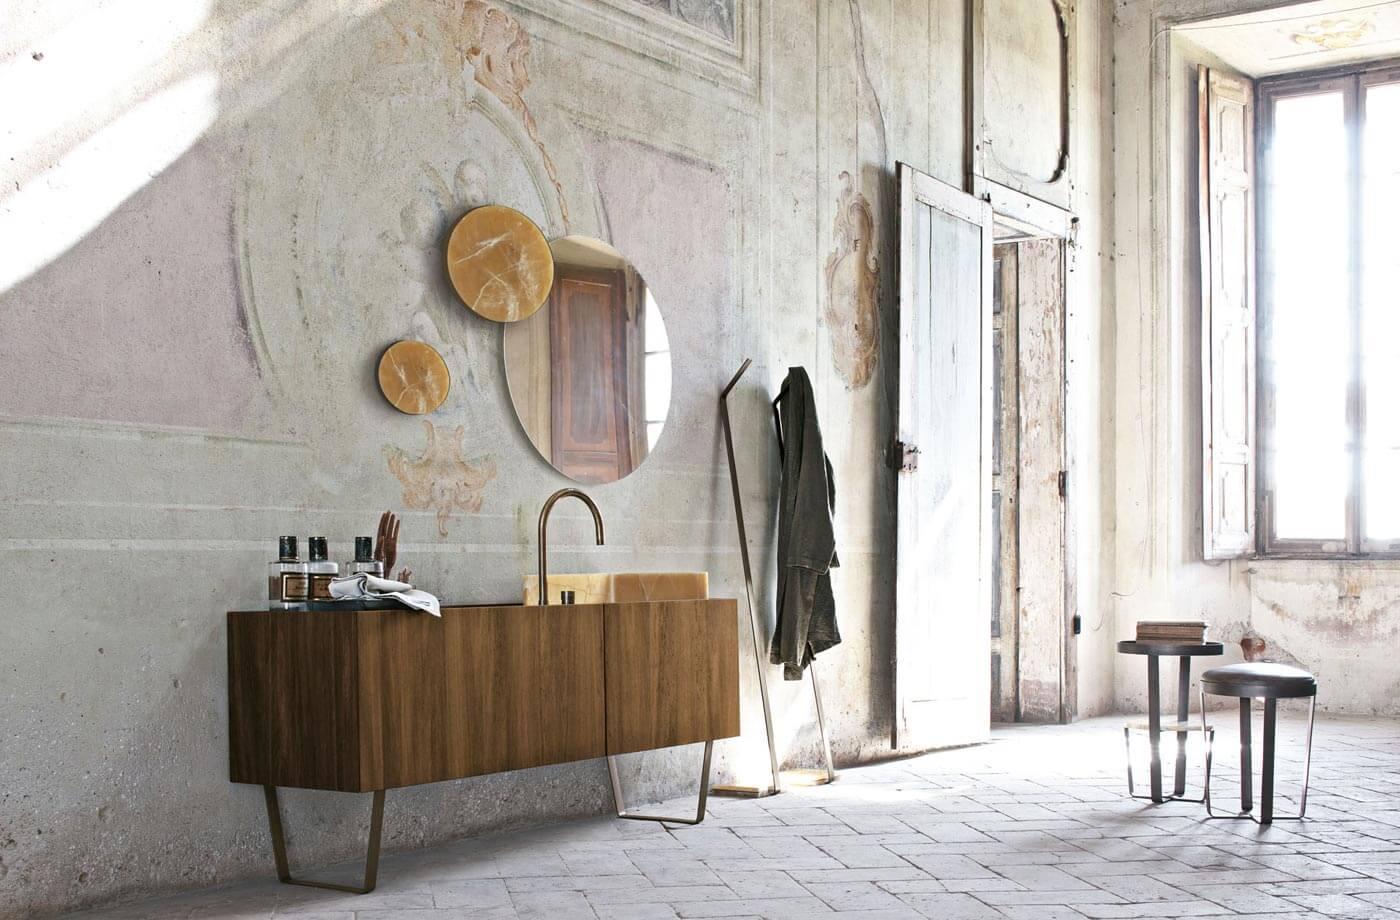 Móveis modernos mesclados com decoração e revestimento bem retrô para o banheiro